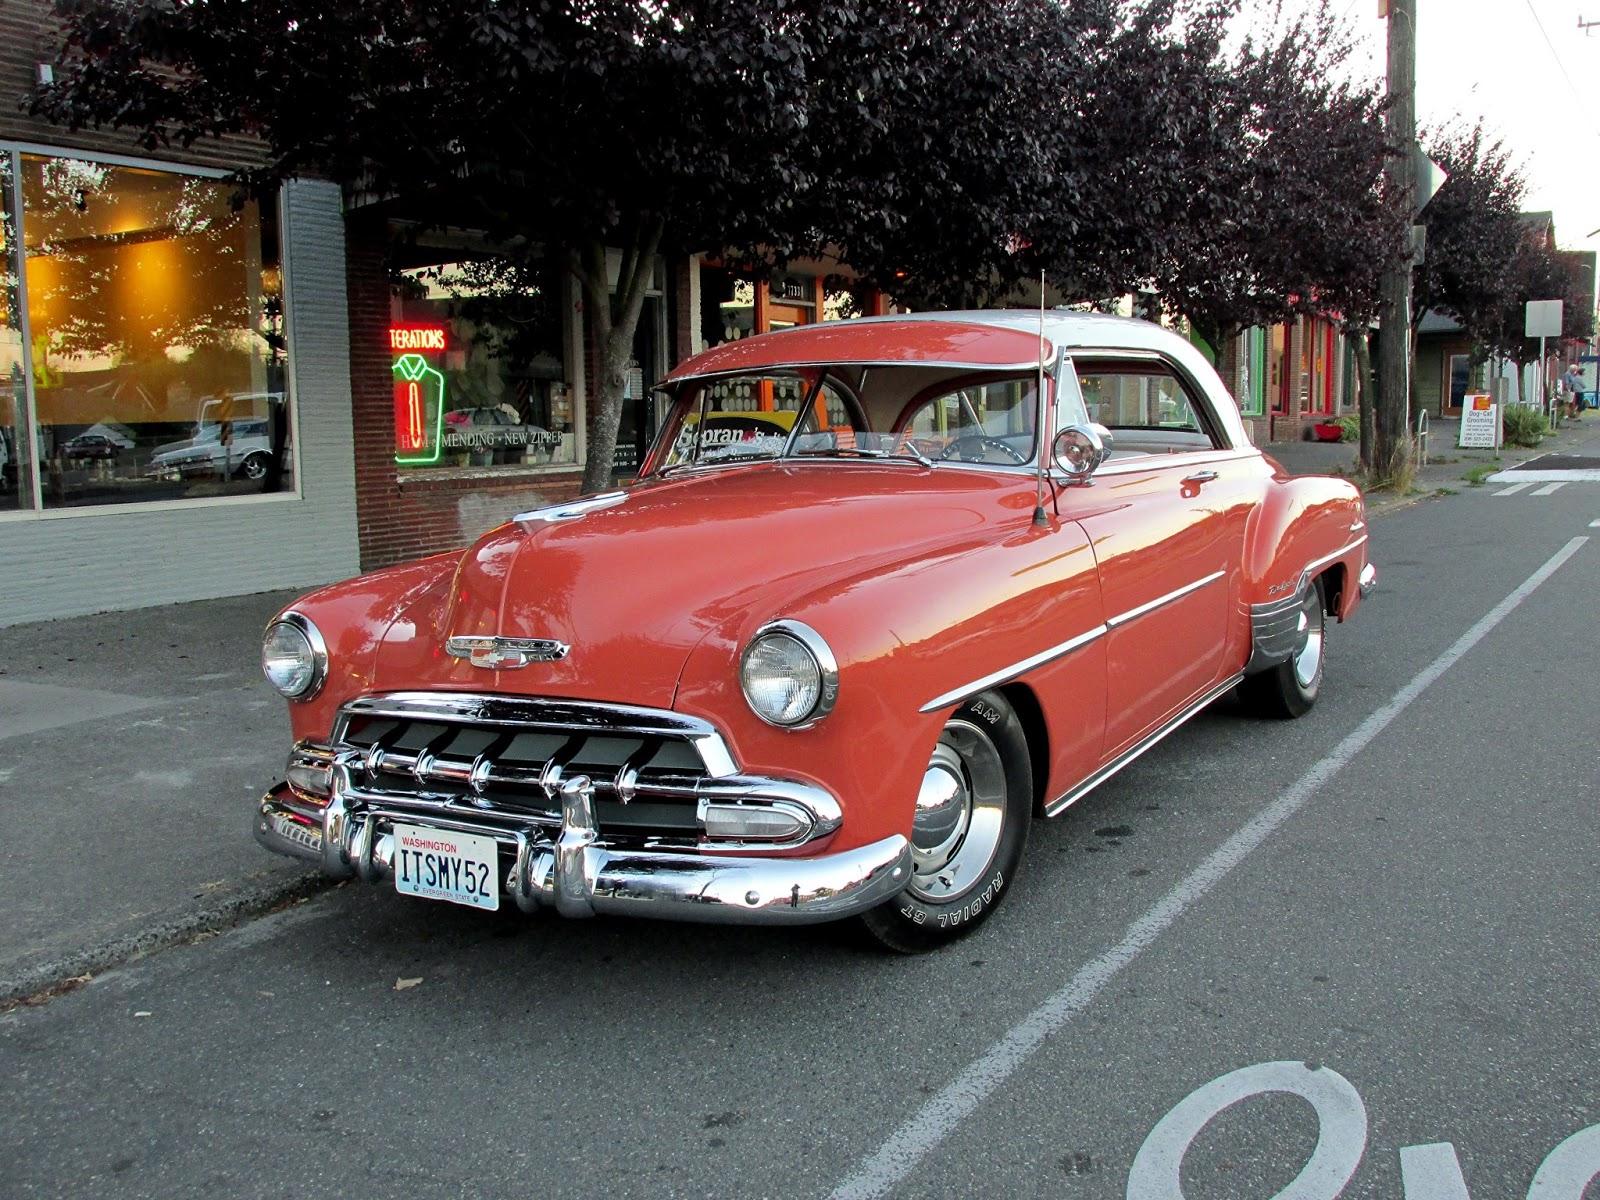 Seattle 39 s classics 1952 chevrolet deluxe hardtop for 1952 chevy 2 door hardtop